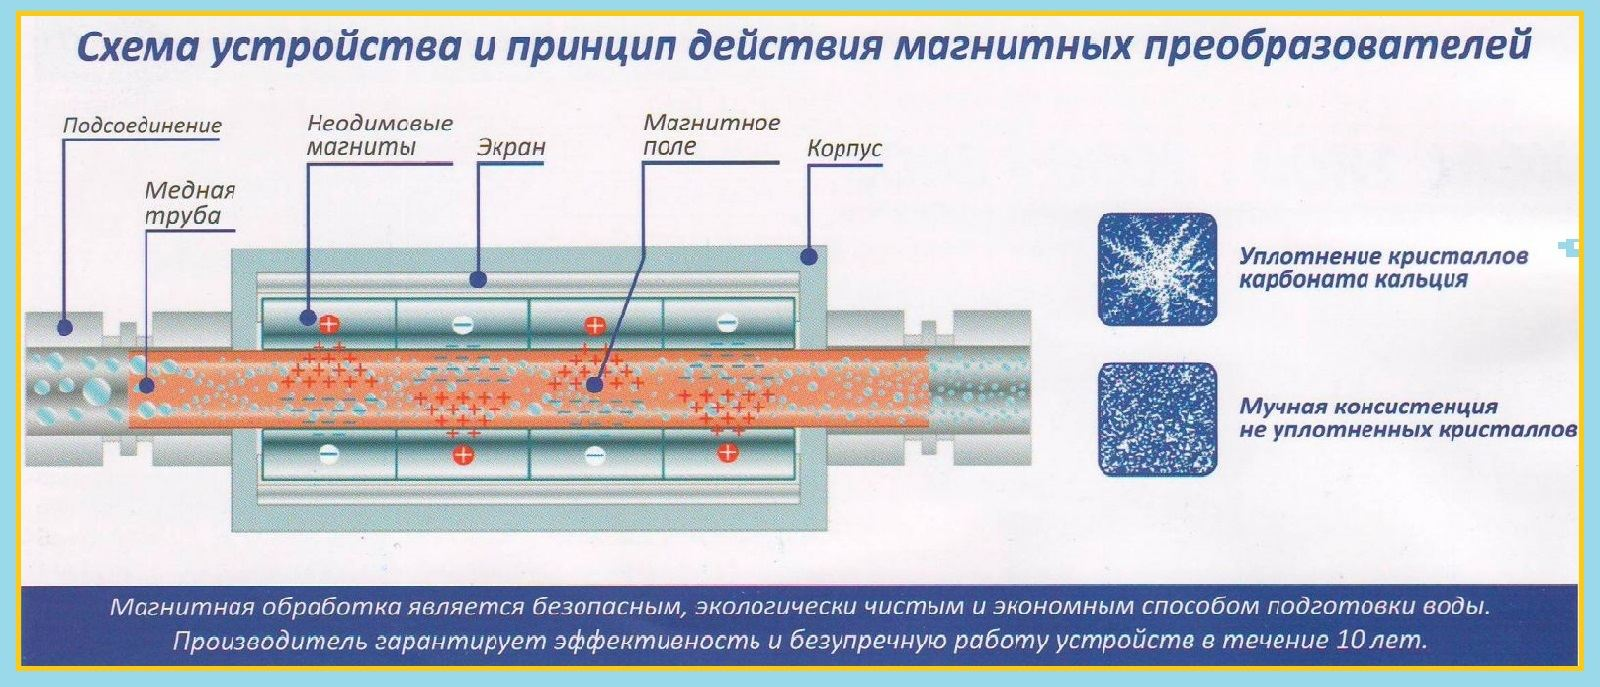 схема устройства магнитных преобразователей